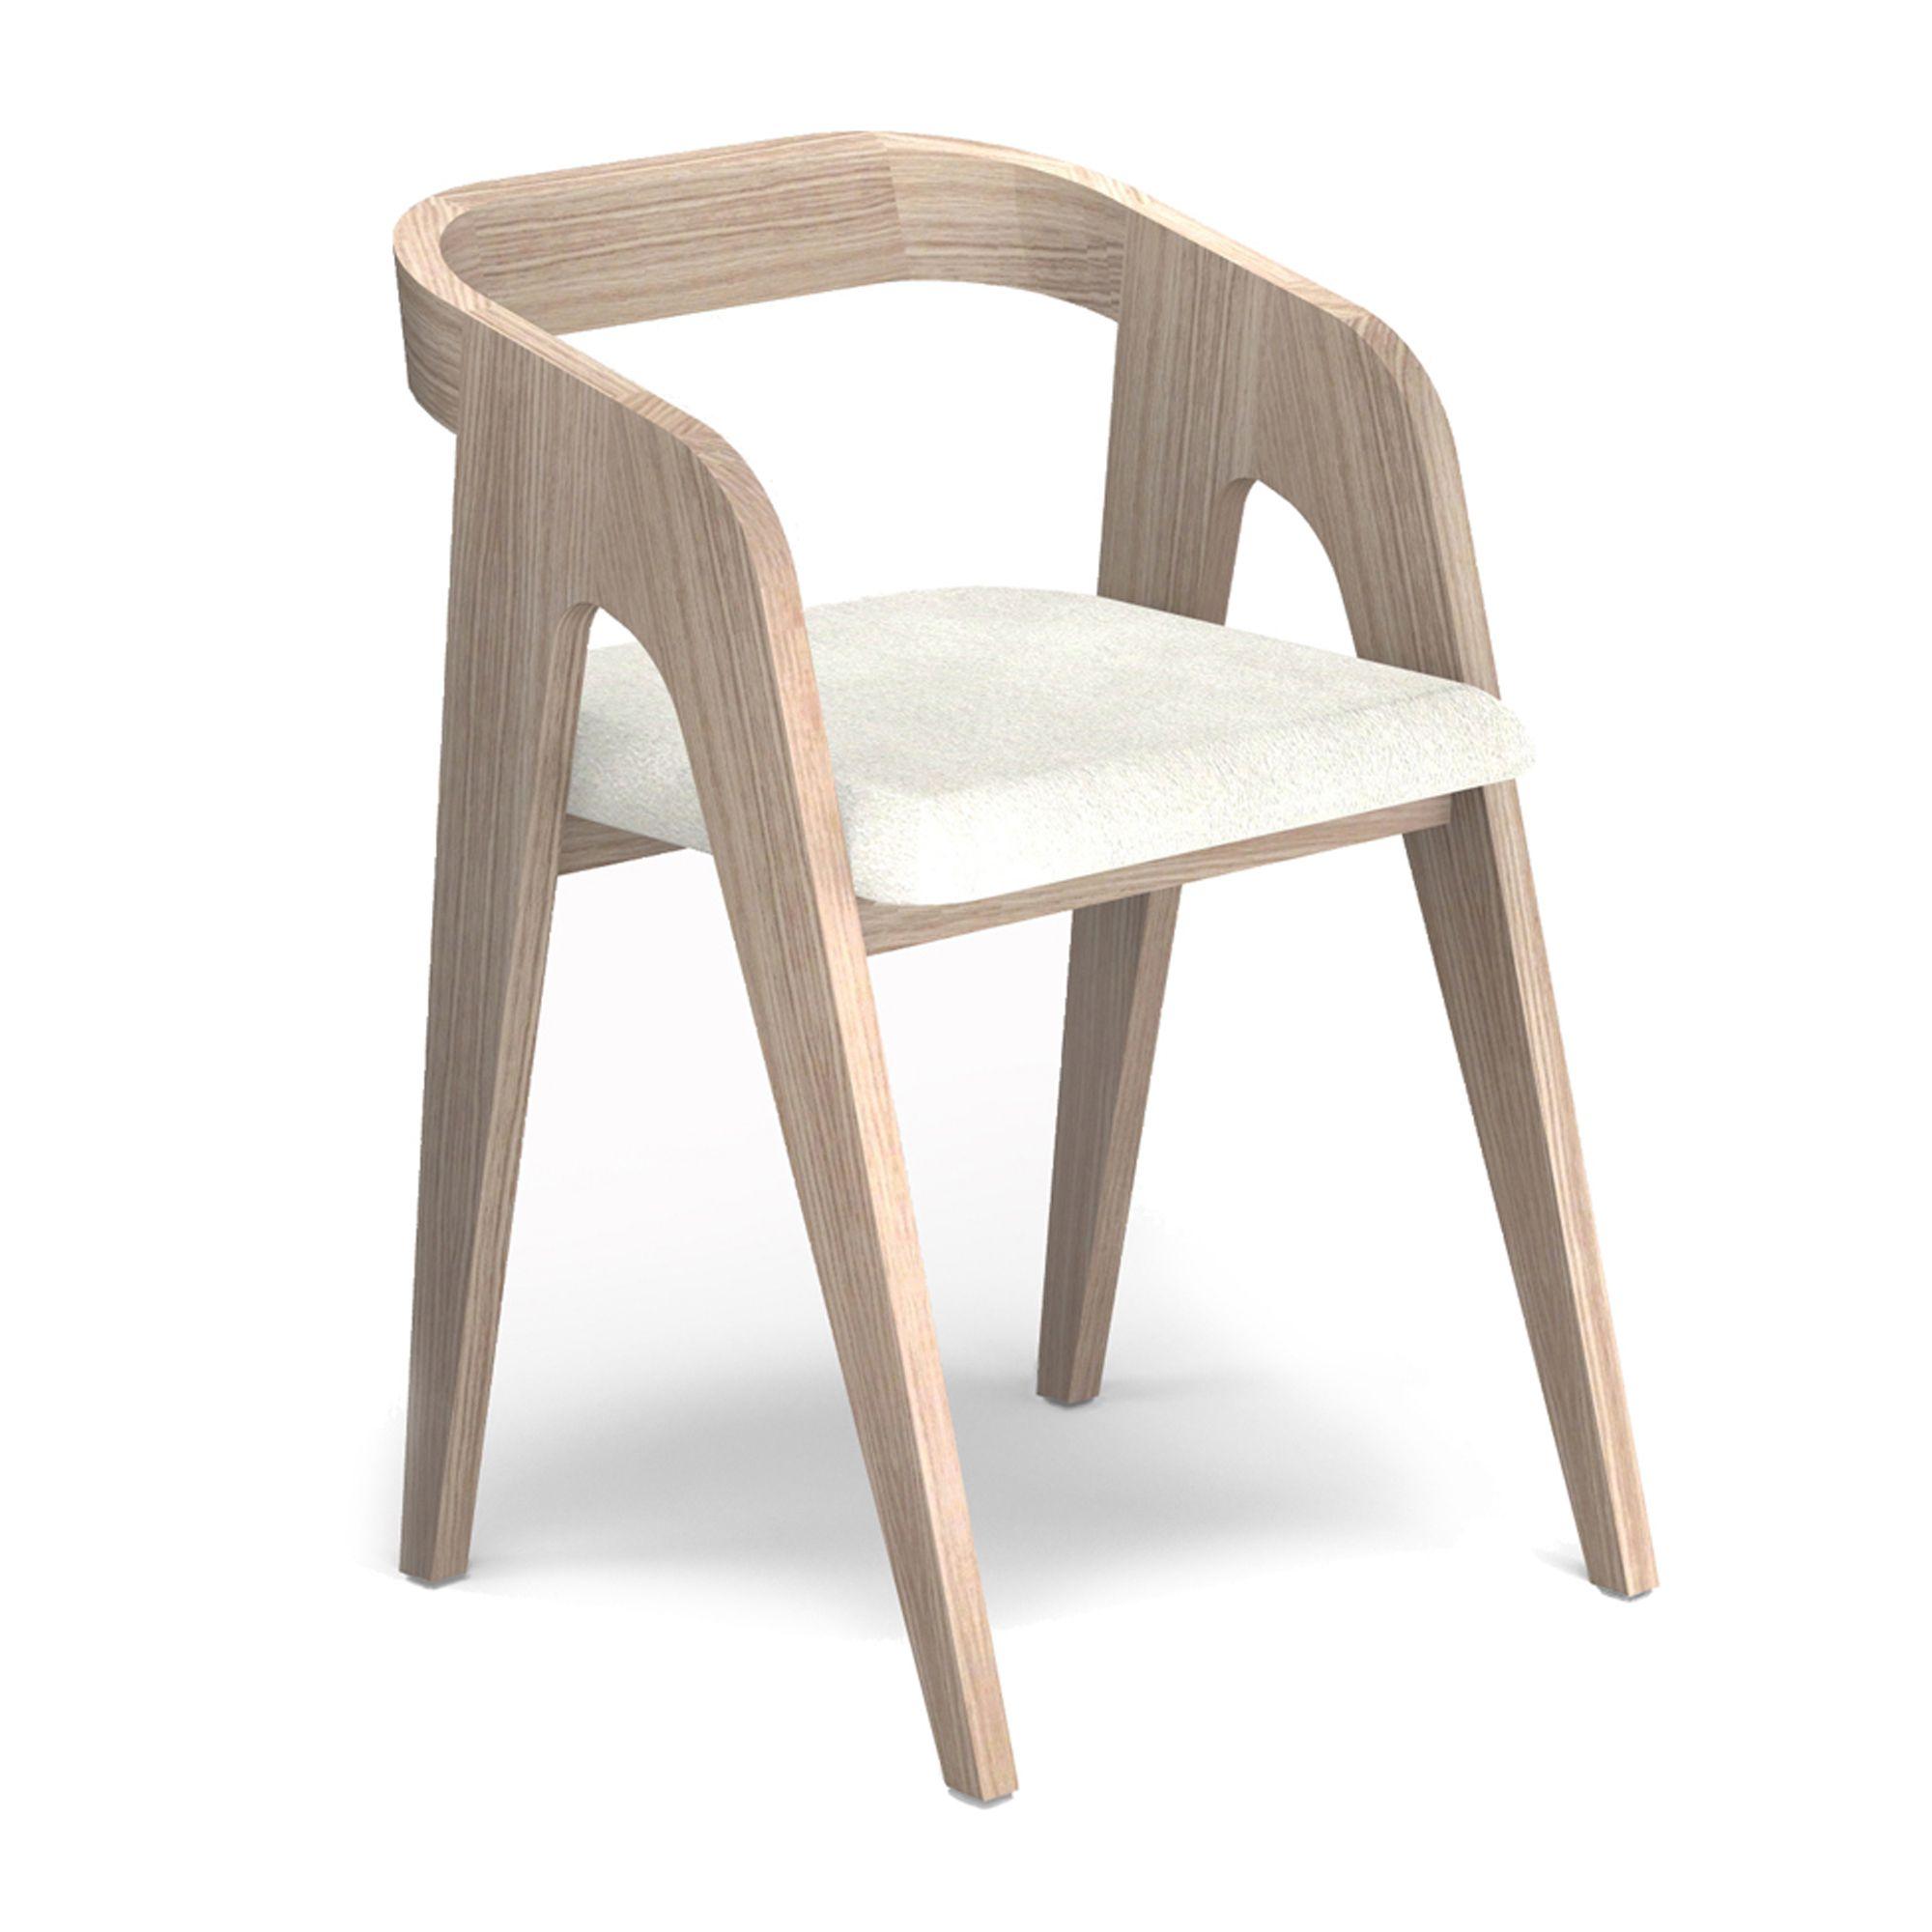 Chaise chêne blanc design scandinave haut de gamme. Meuble numéroté ...